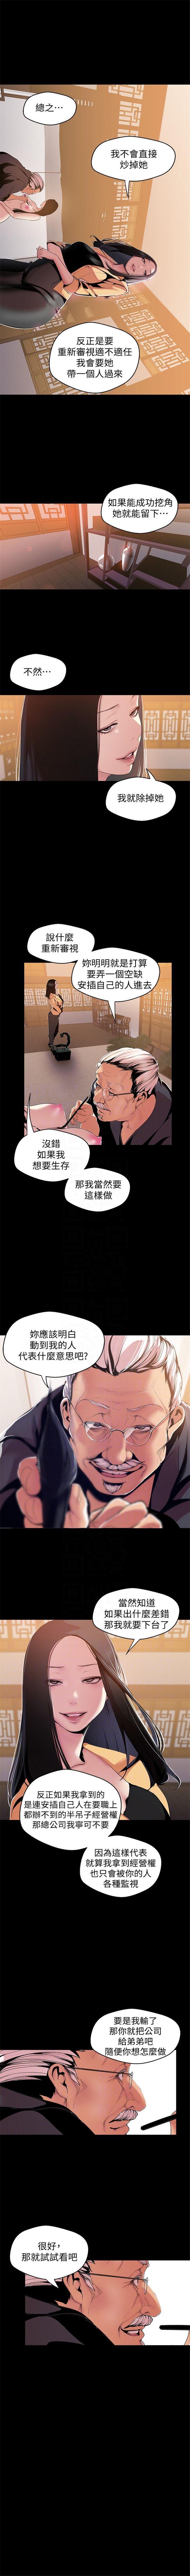 美麗新世界 1-85 官方中文(連載中) 413